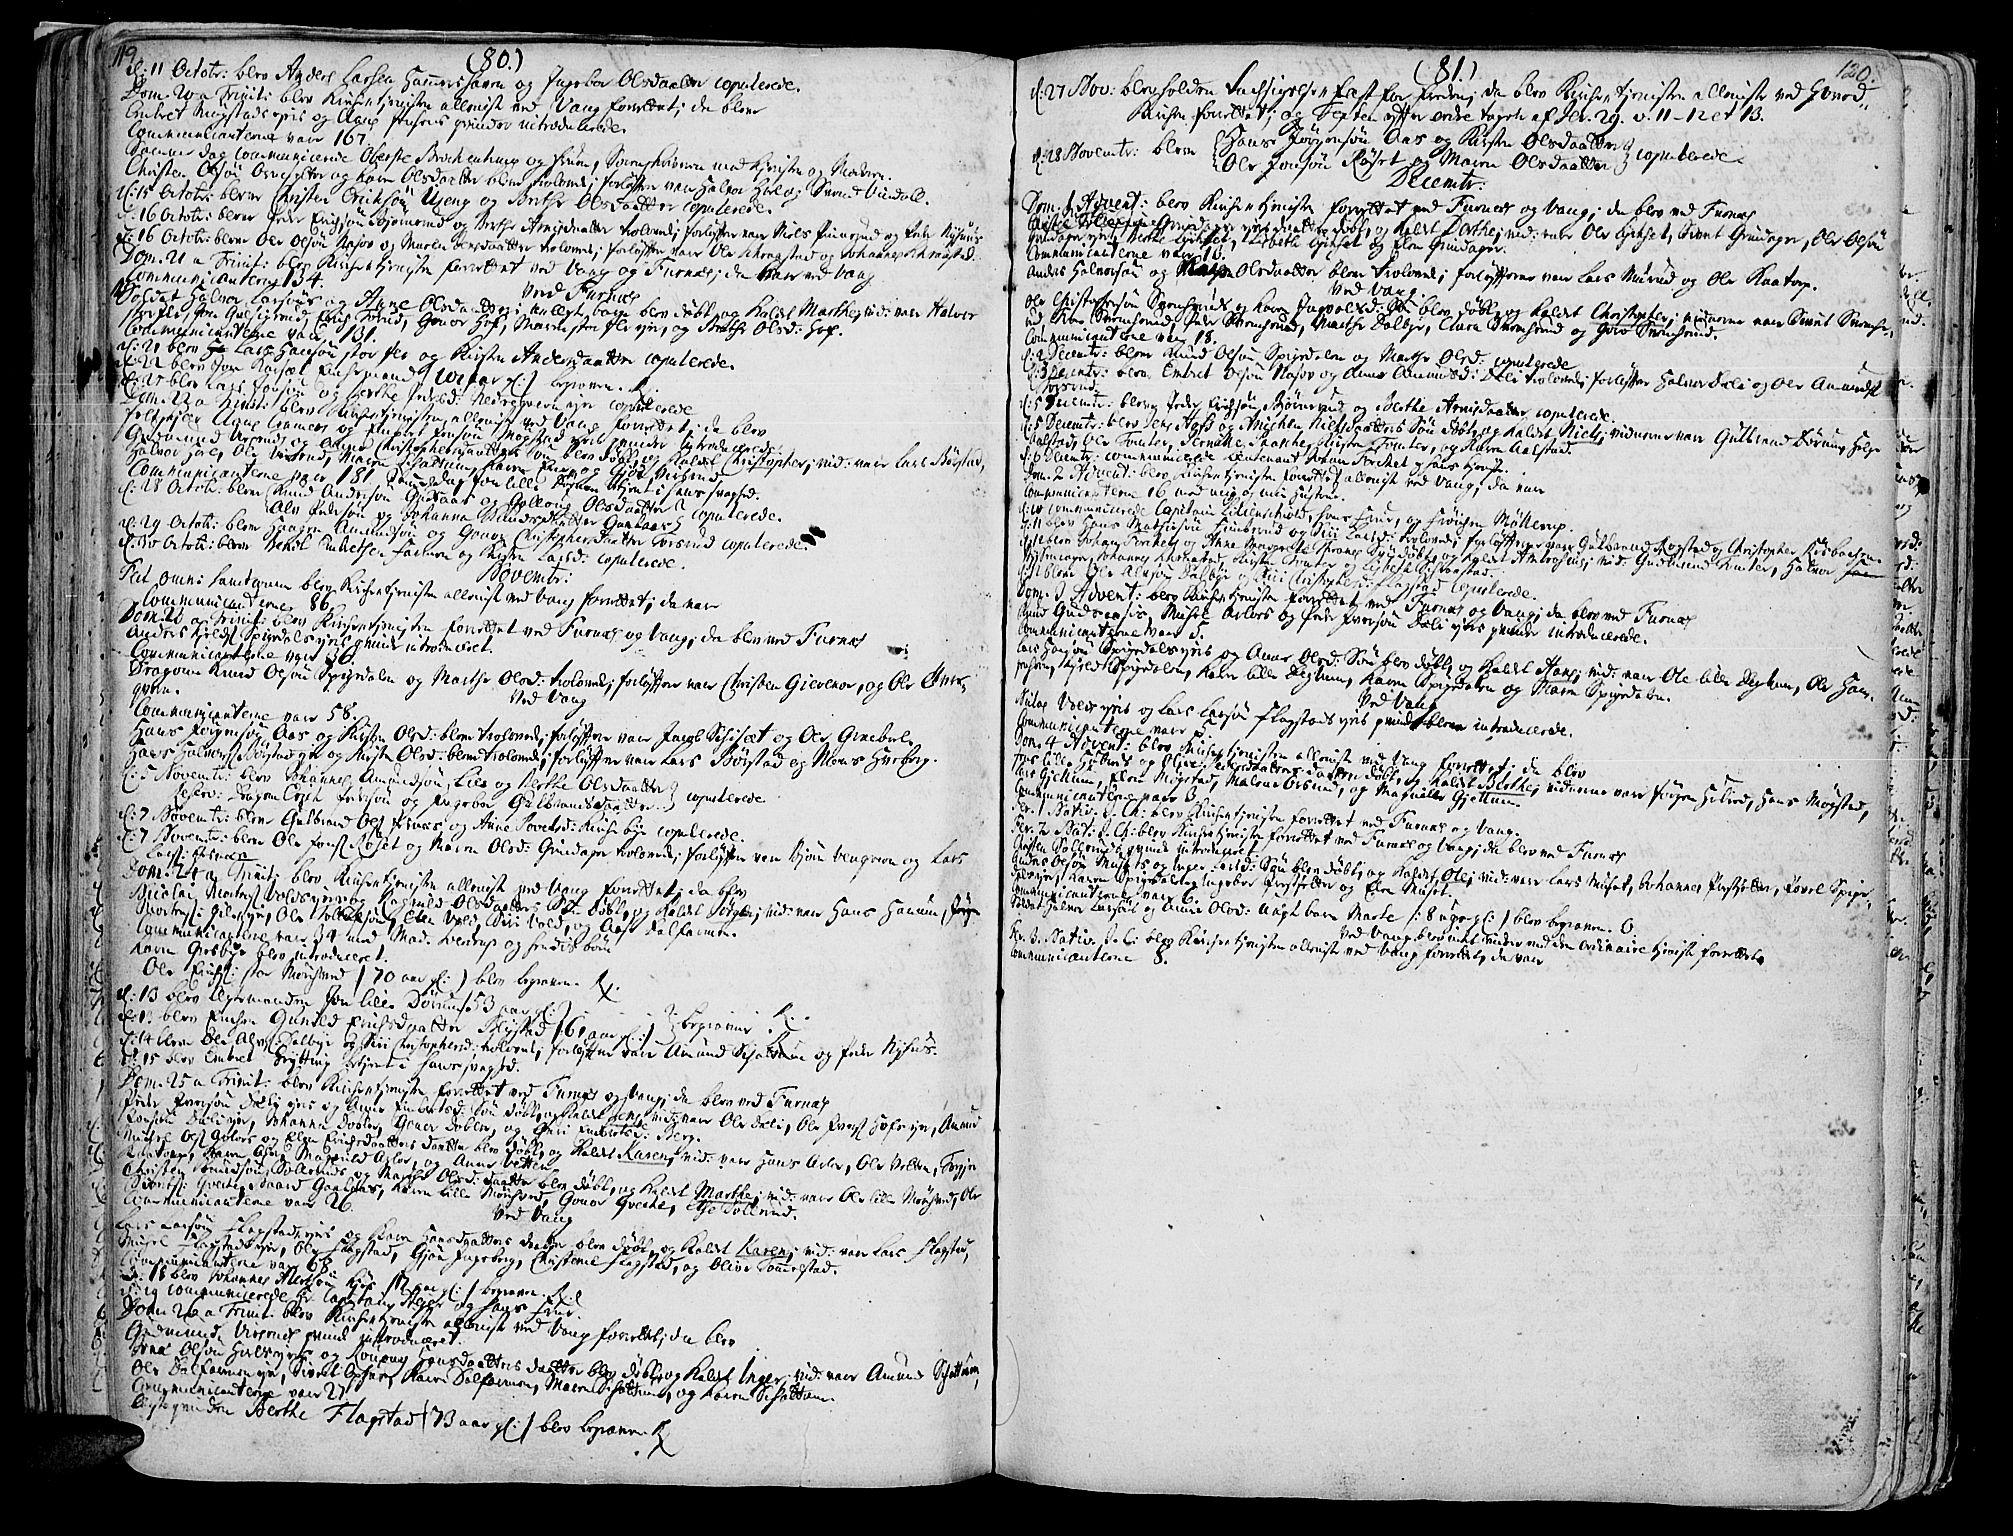 SAH, Vang prestekontor, Hedmark, H/Ha/Haa/L0002A: Ministerialbok nr. 2A, 1713-1733, s. 119-120